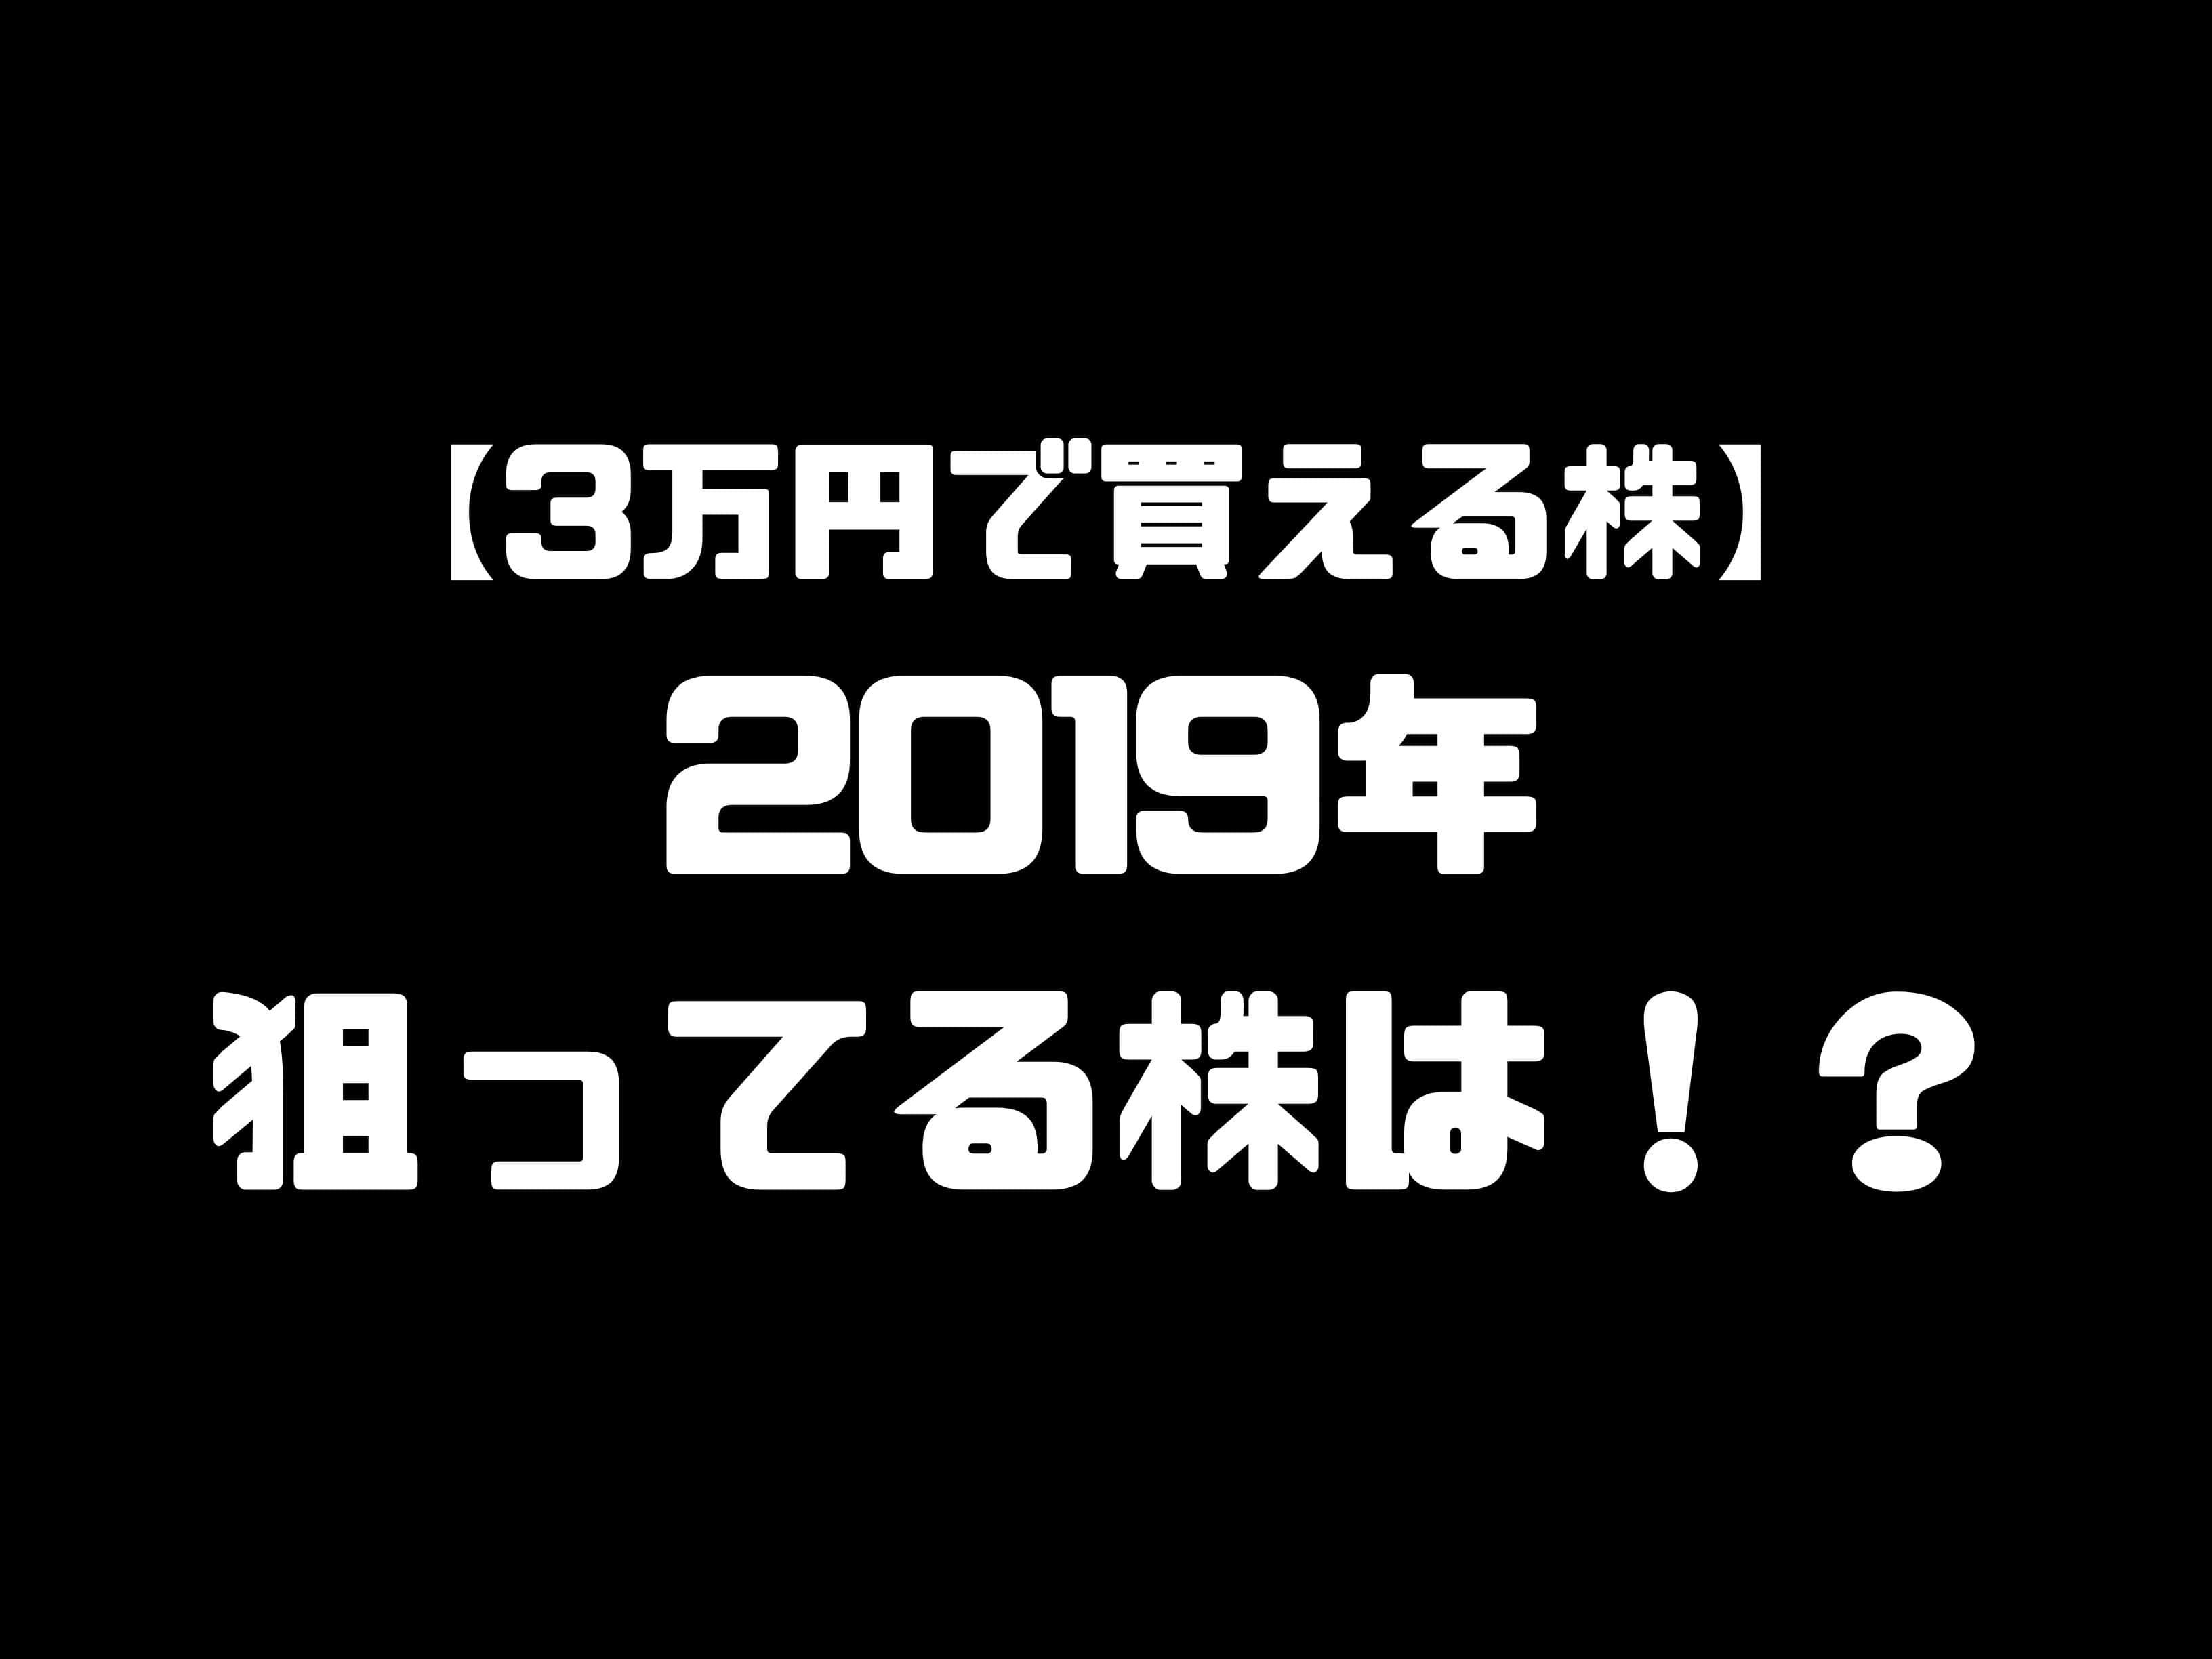 【3万円で買える株】2019年度の狙い目株はどれだ?